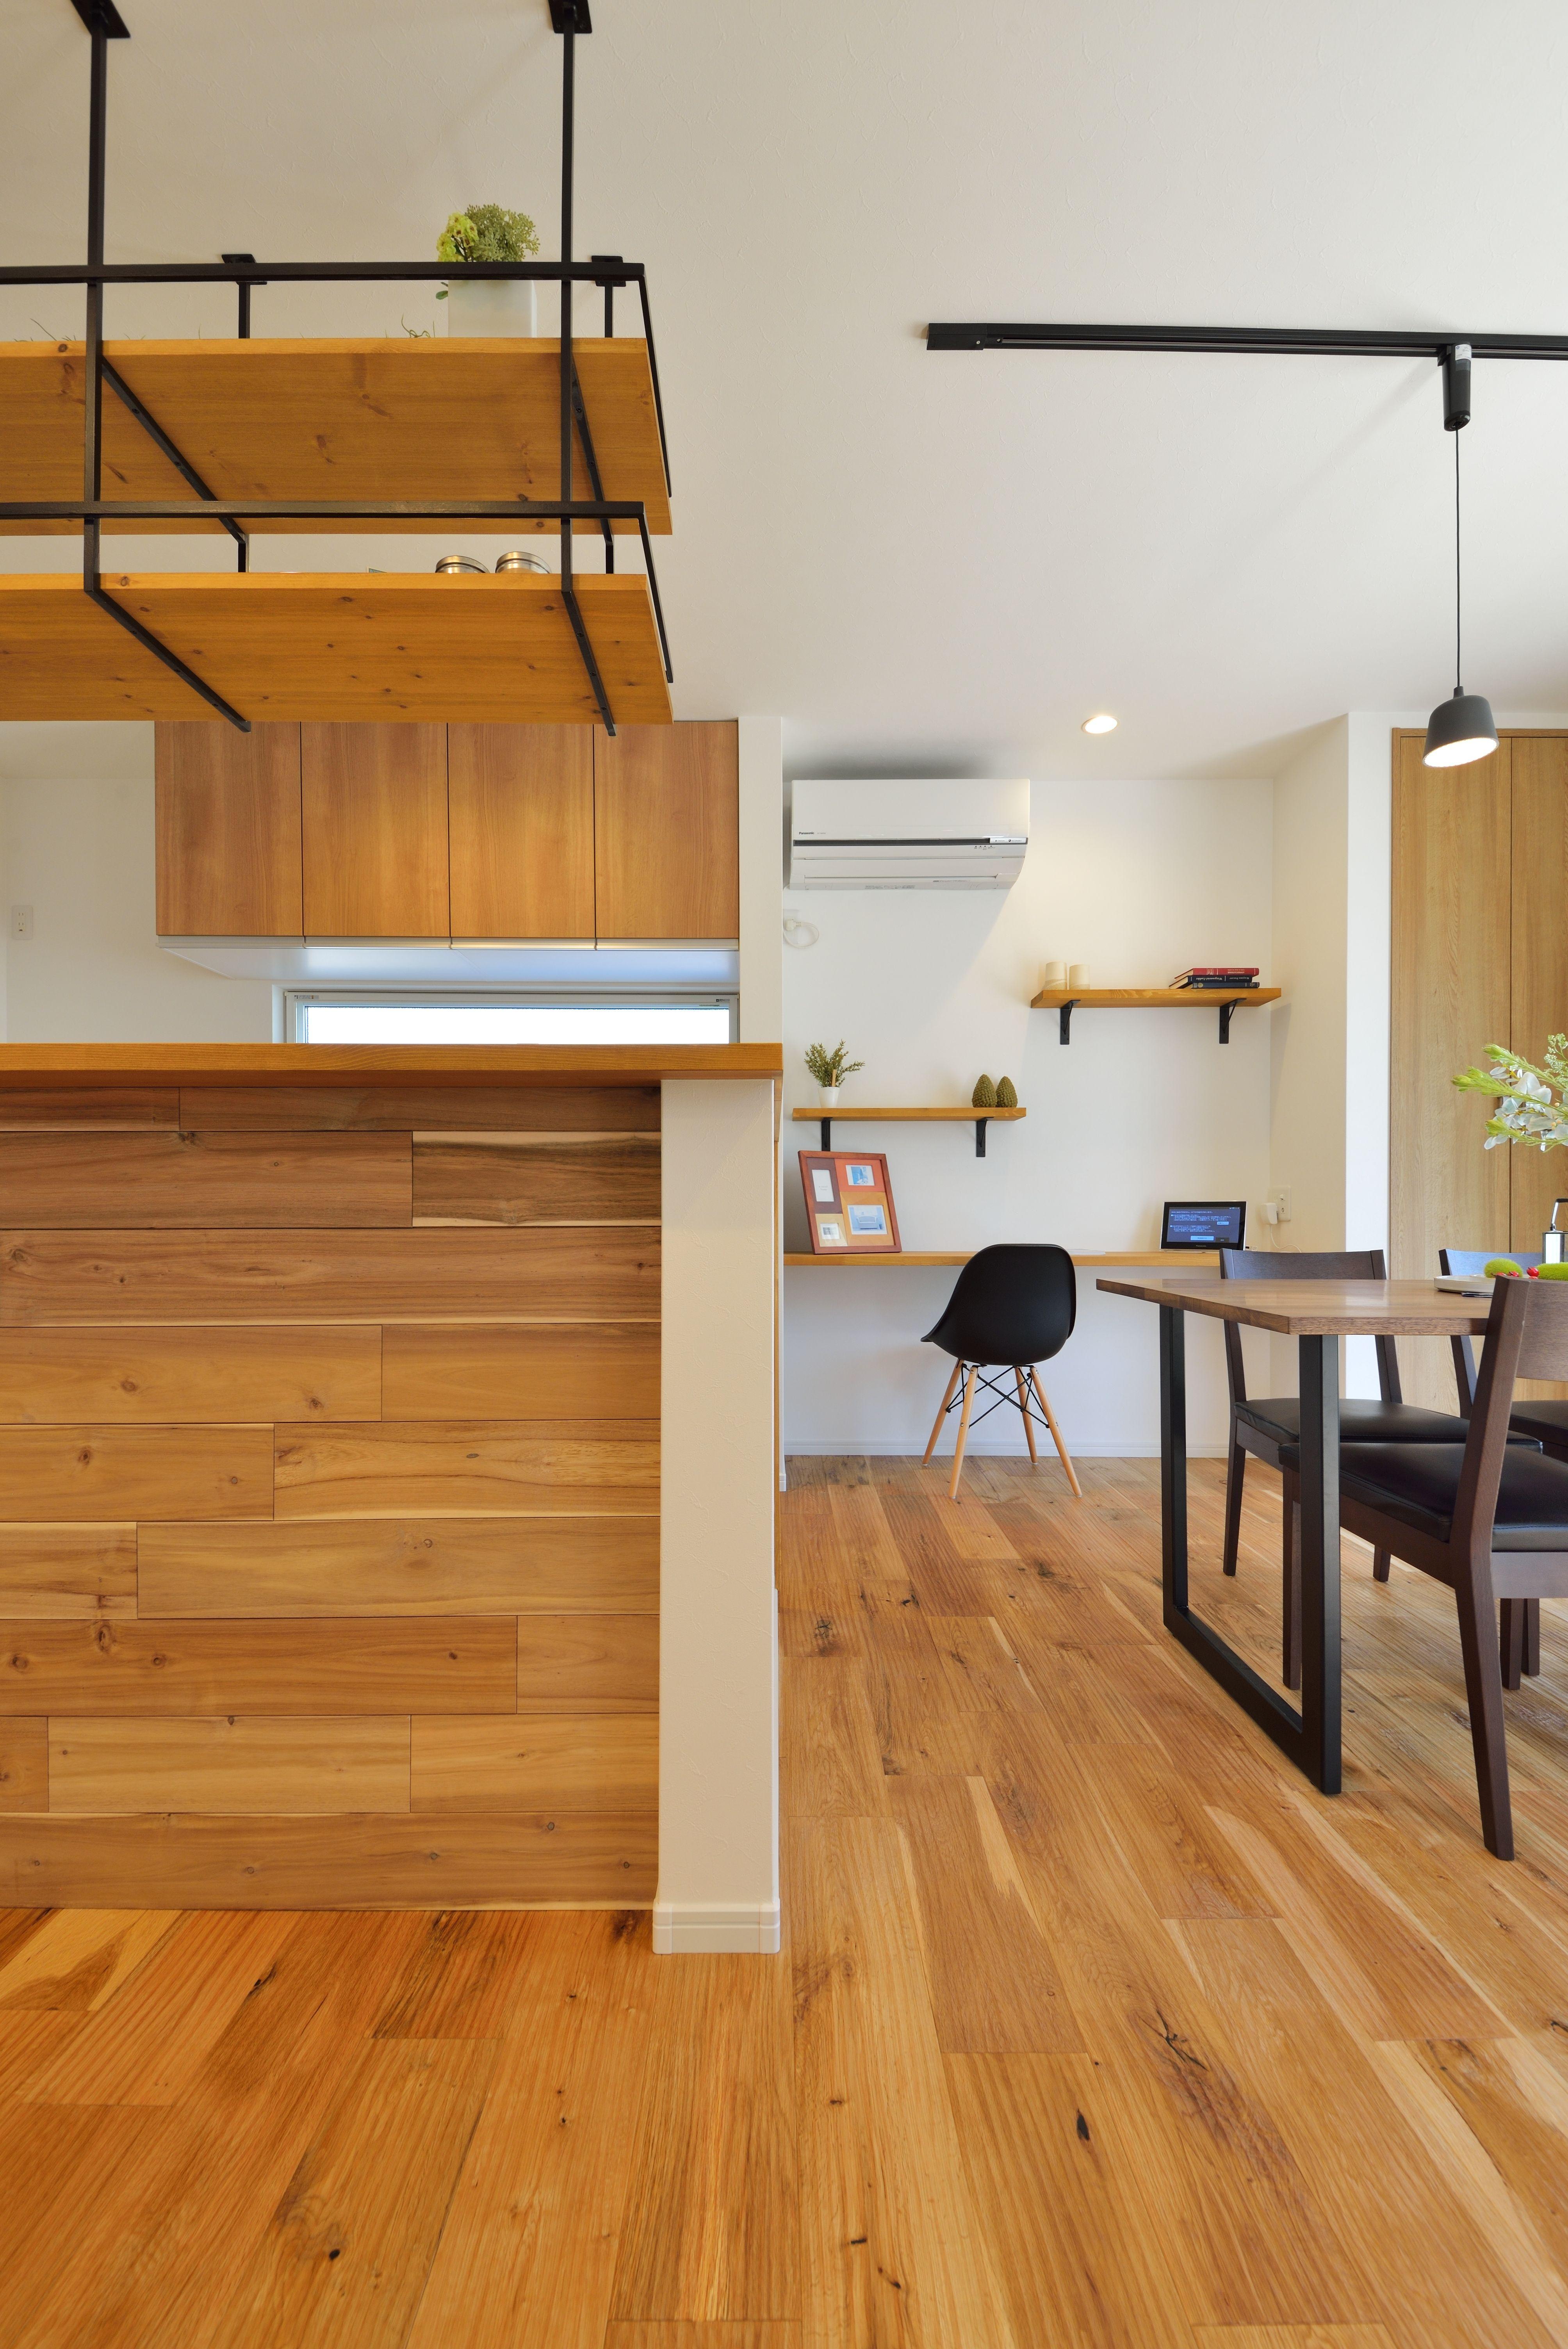 キッチン 腰壁には ホワイトウォールナット の羽目板でアクセント 上部に設けた吊り棚はアイアンの強さと素材の美しさが際立つオリジナルのデザイン リビング 造作